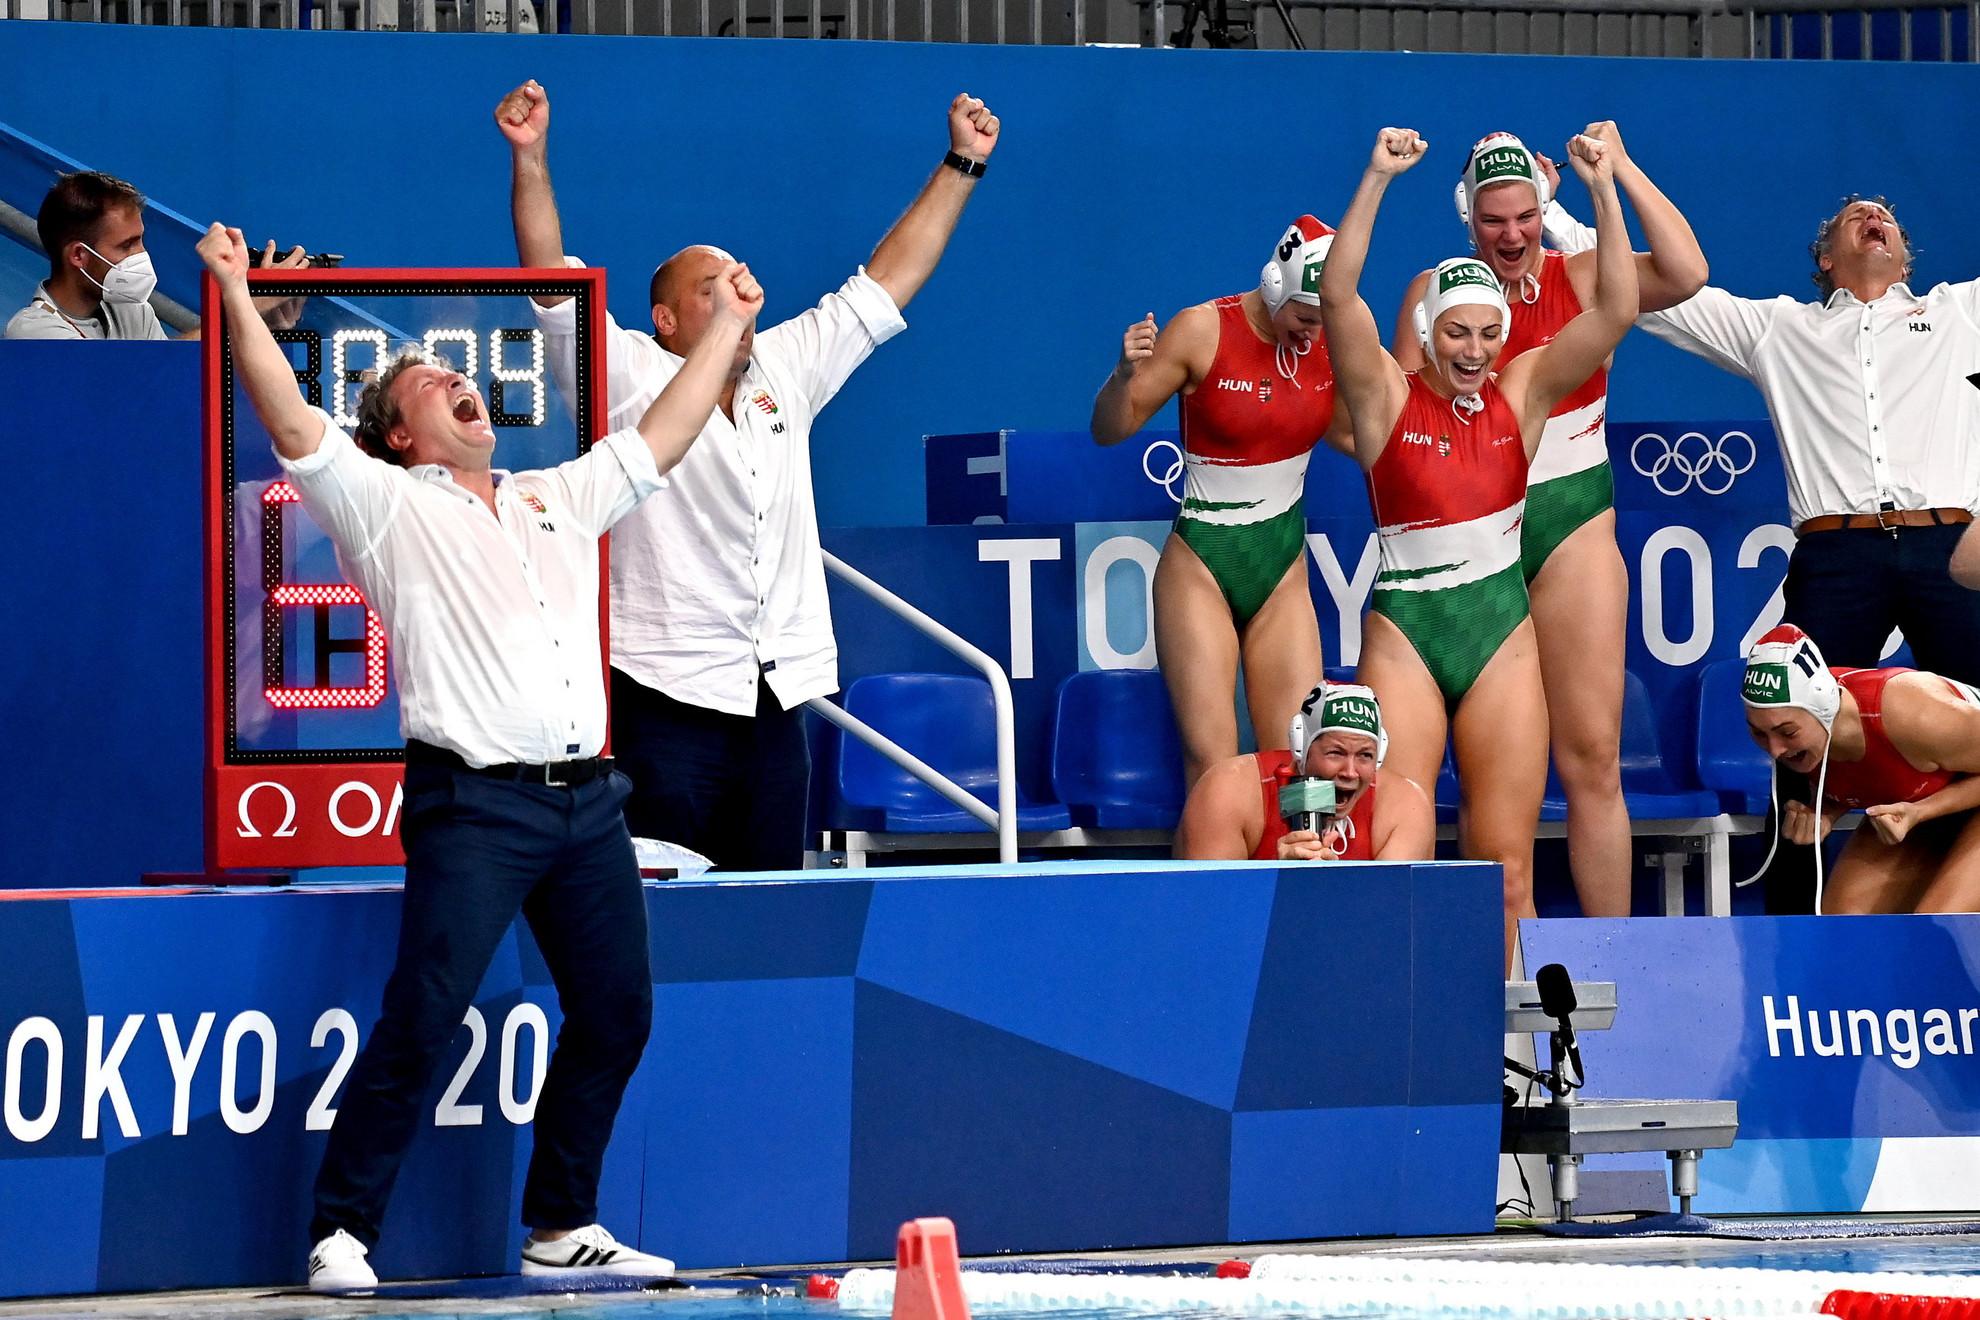 A bronzérmes magyar csapat ünnepli győzelmét a világméretű koronavírus-járvány miatt 2021-re halasztott 2020-as tokiói nyári olimpia női vízilabdatornáján a harmadik helyért játszott Magyarország - Orosz Olimpiai Csapat mérkőzés végén a Tacumi Vízilabdaközpontban 2021. augusztus 7-én